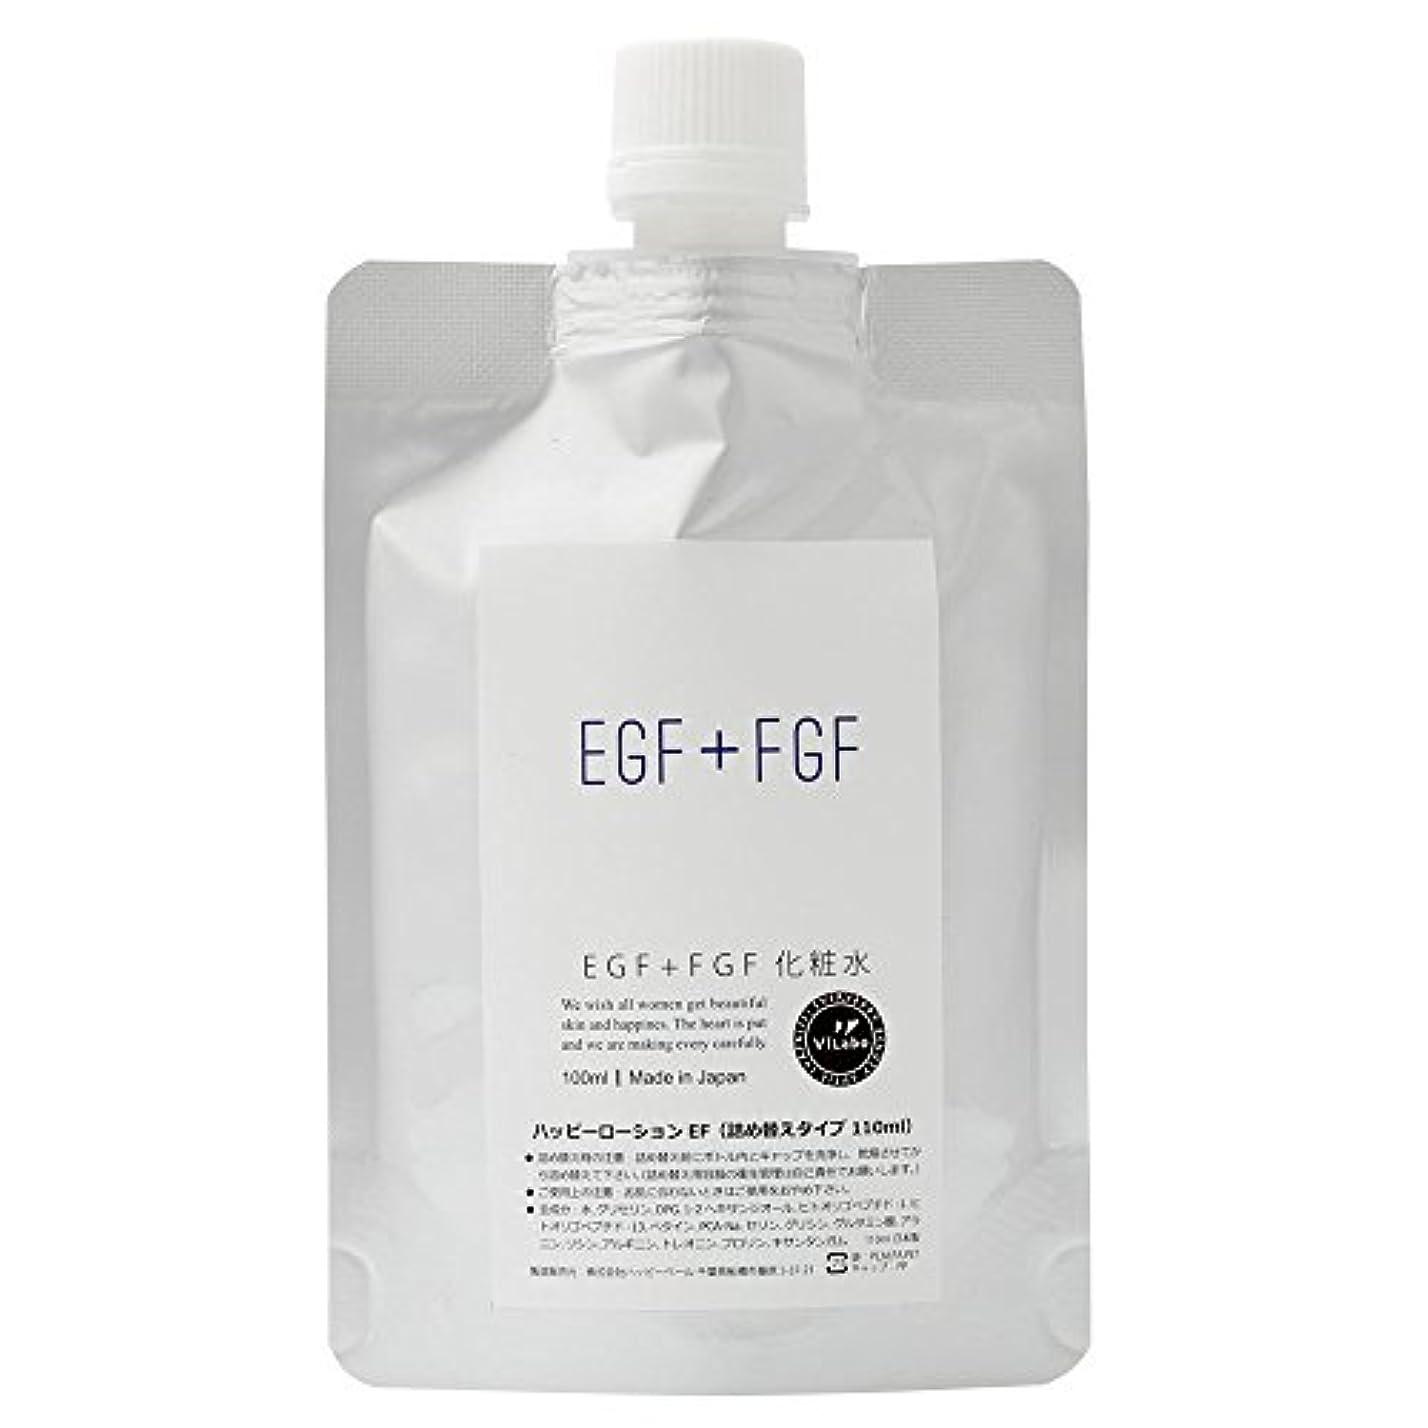 シプリー省略不要ViLabo EGF+FGF化粧水 (ハッピーローションEF)110ml 詰め替え用パウチ ビラボ